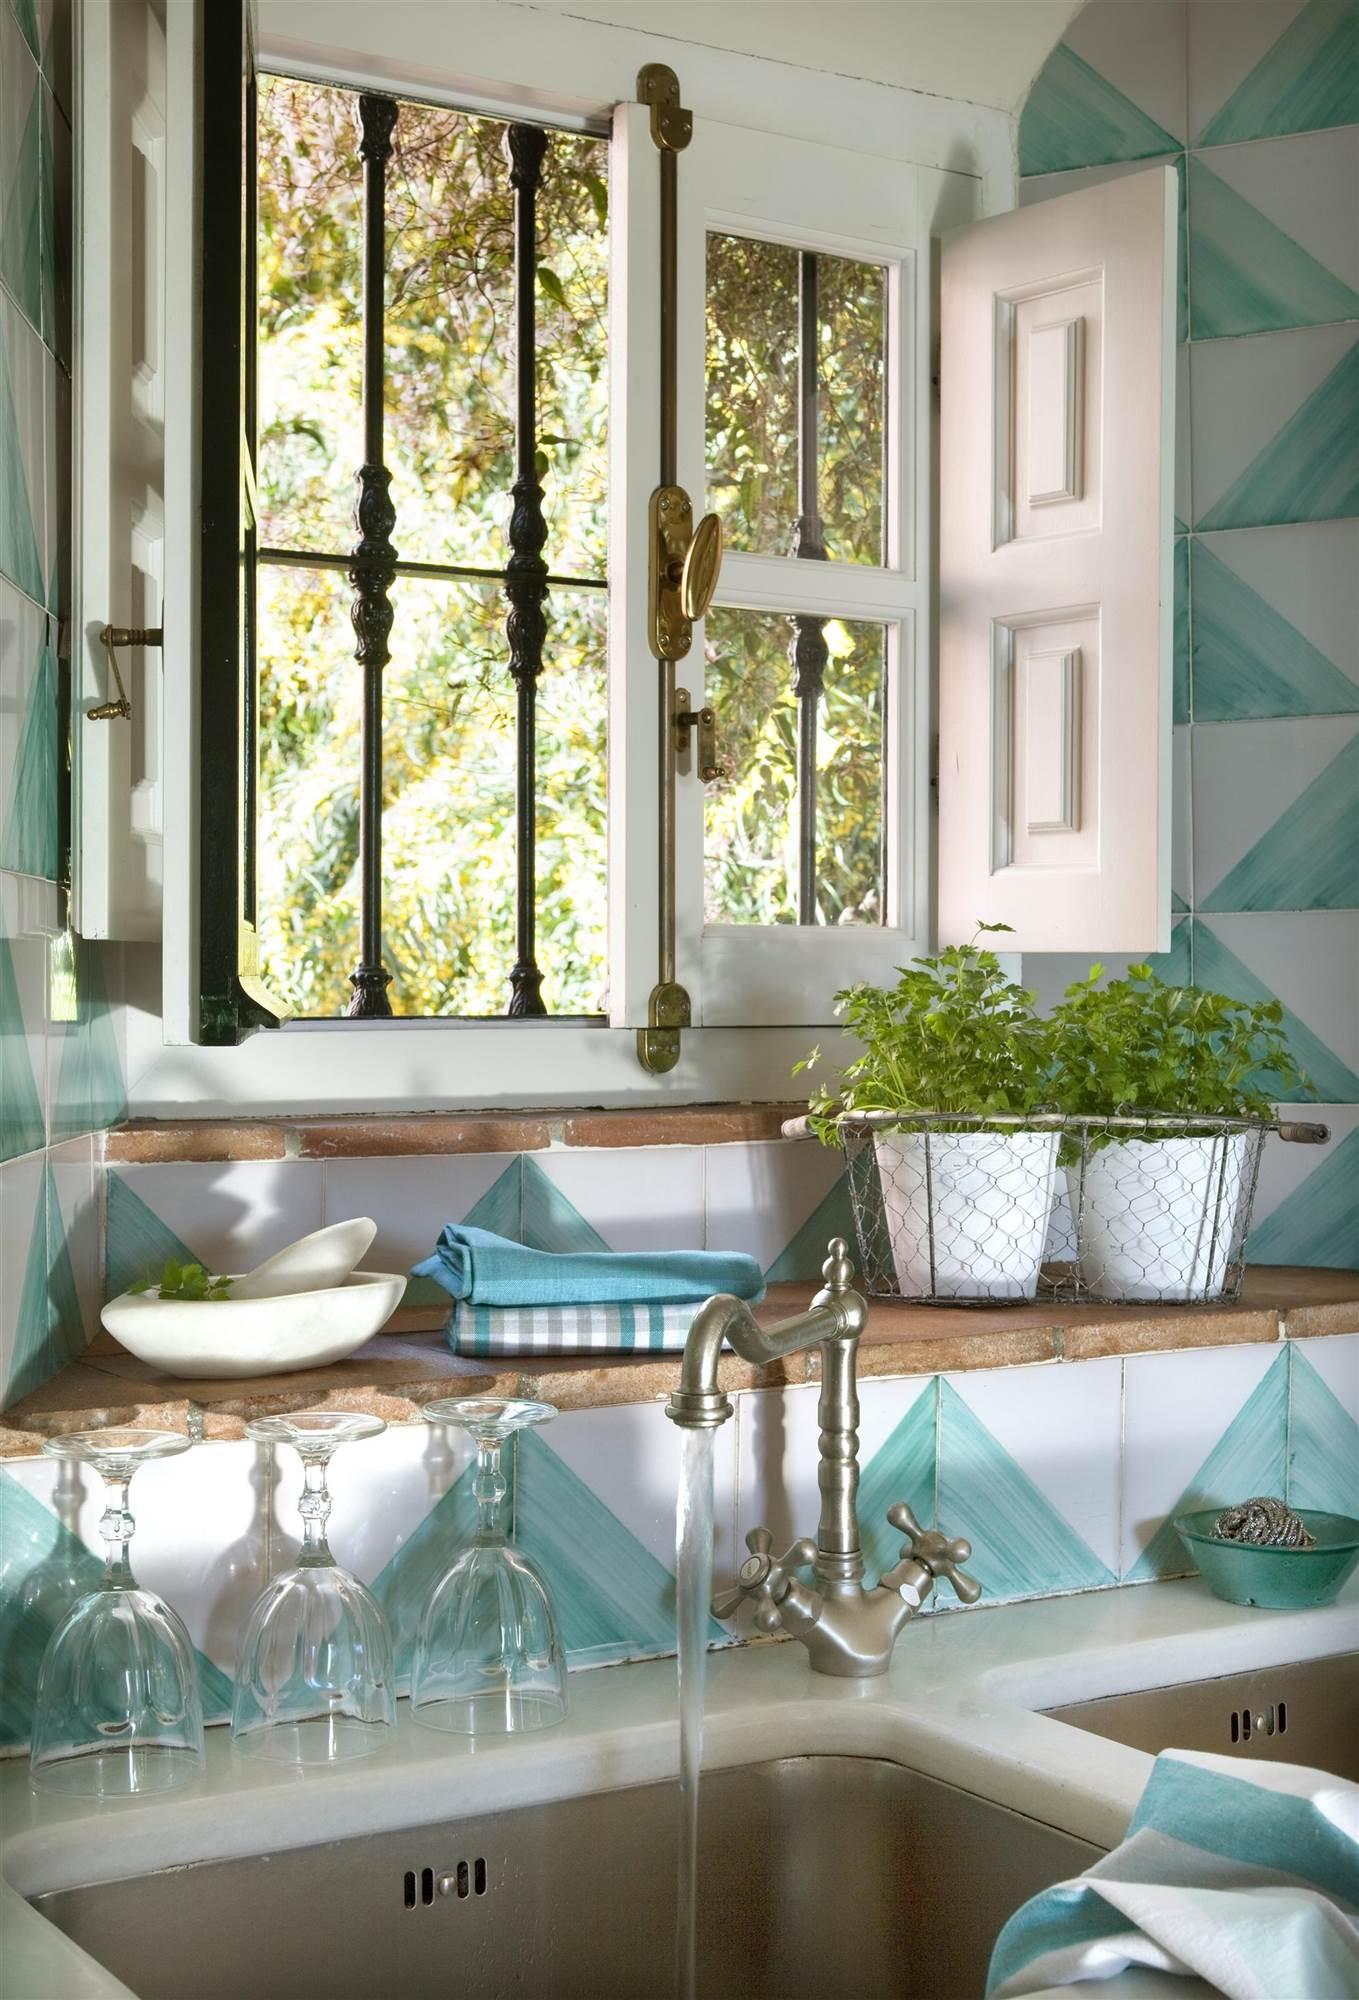 Cocinas muebles decoraci n dise o blancas o peque as for Alternativa azulejos cocina